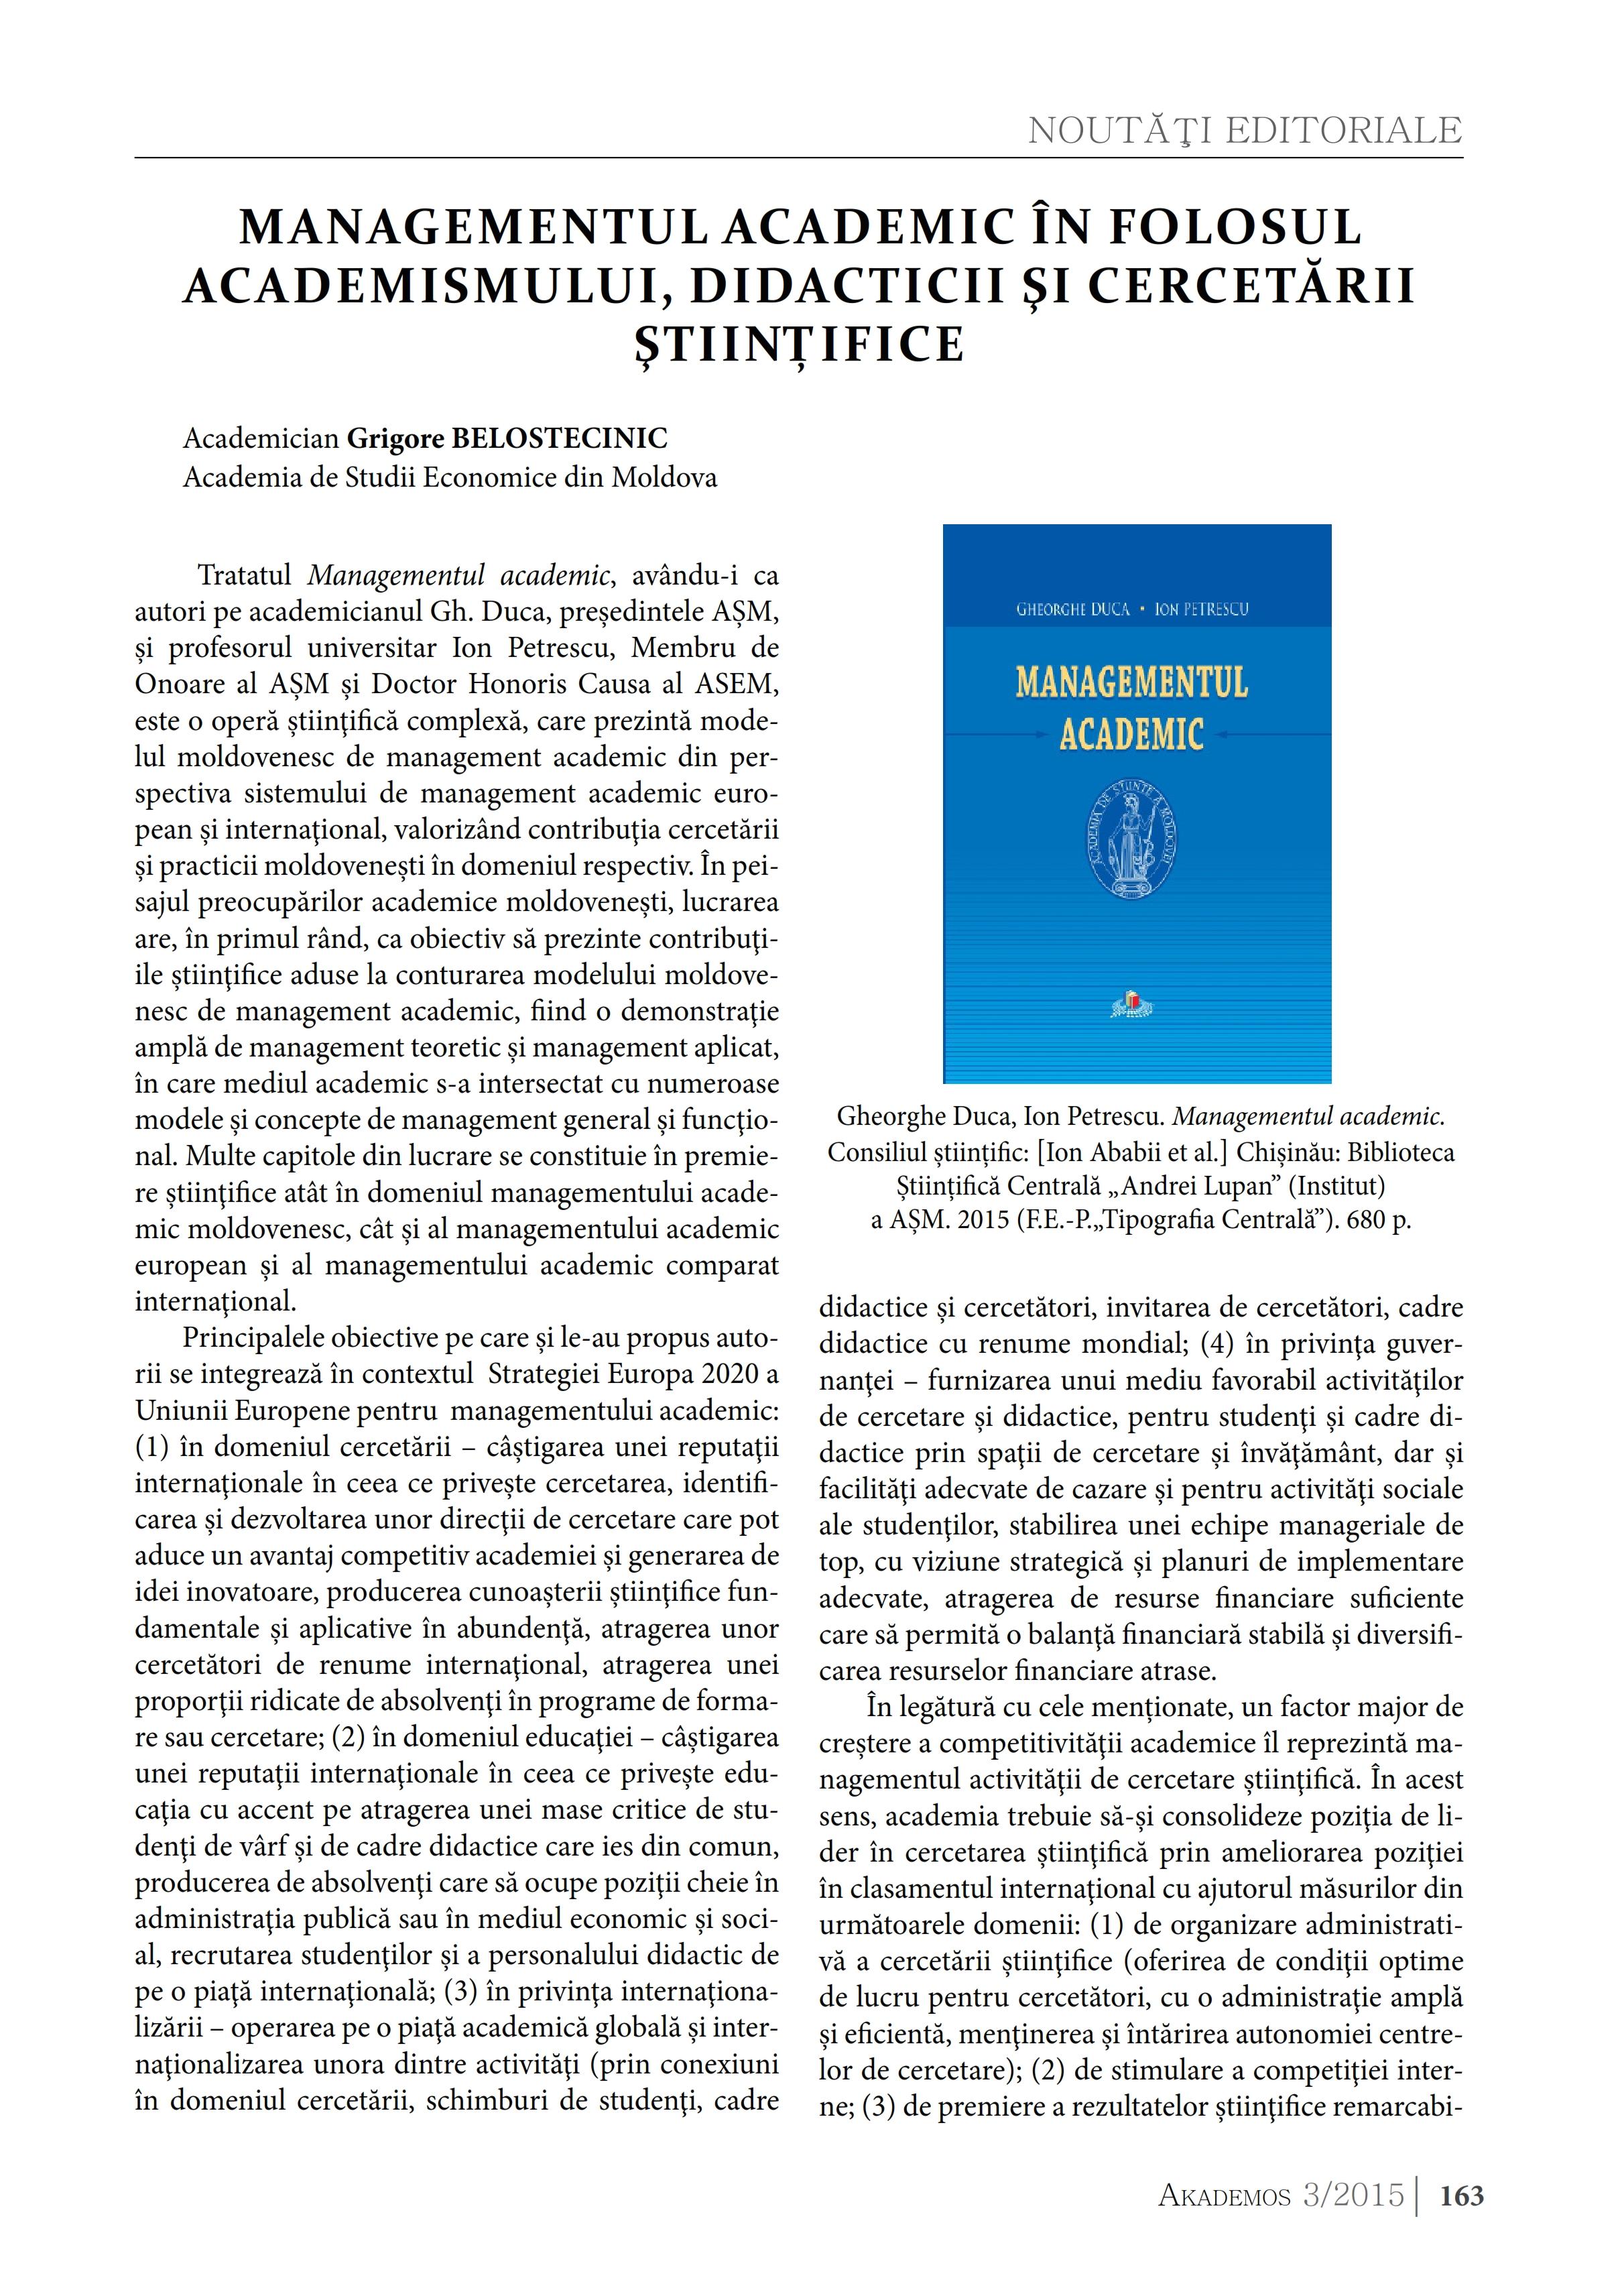 Managementul academic in folosul academismului, didacticii si cercetarii stiinţifice_001